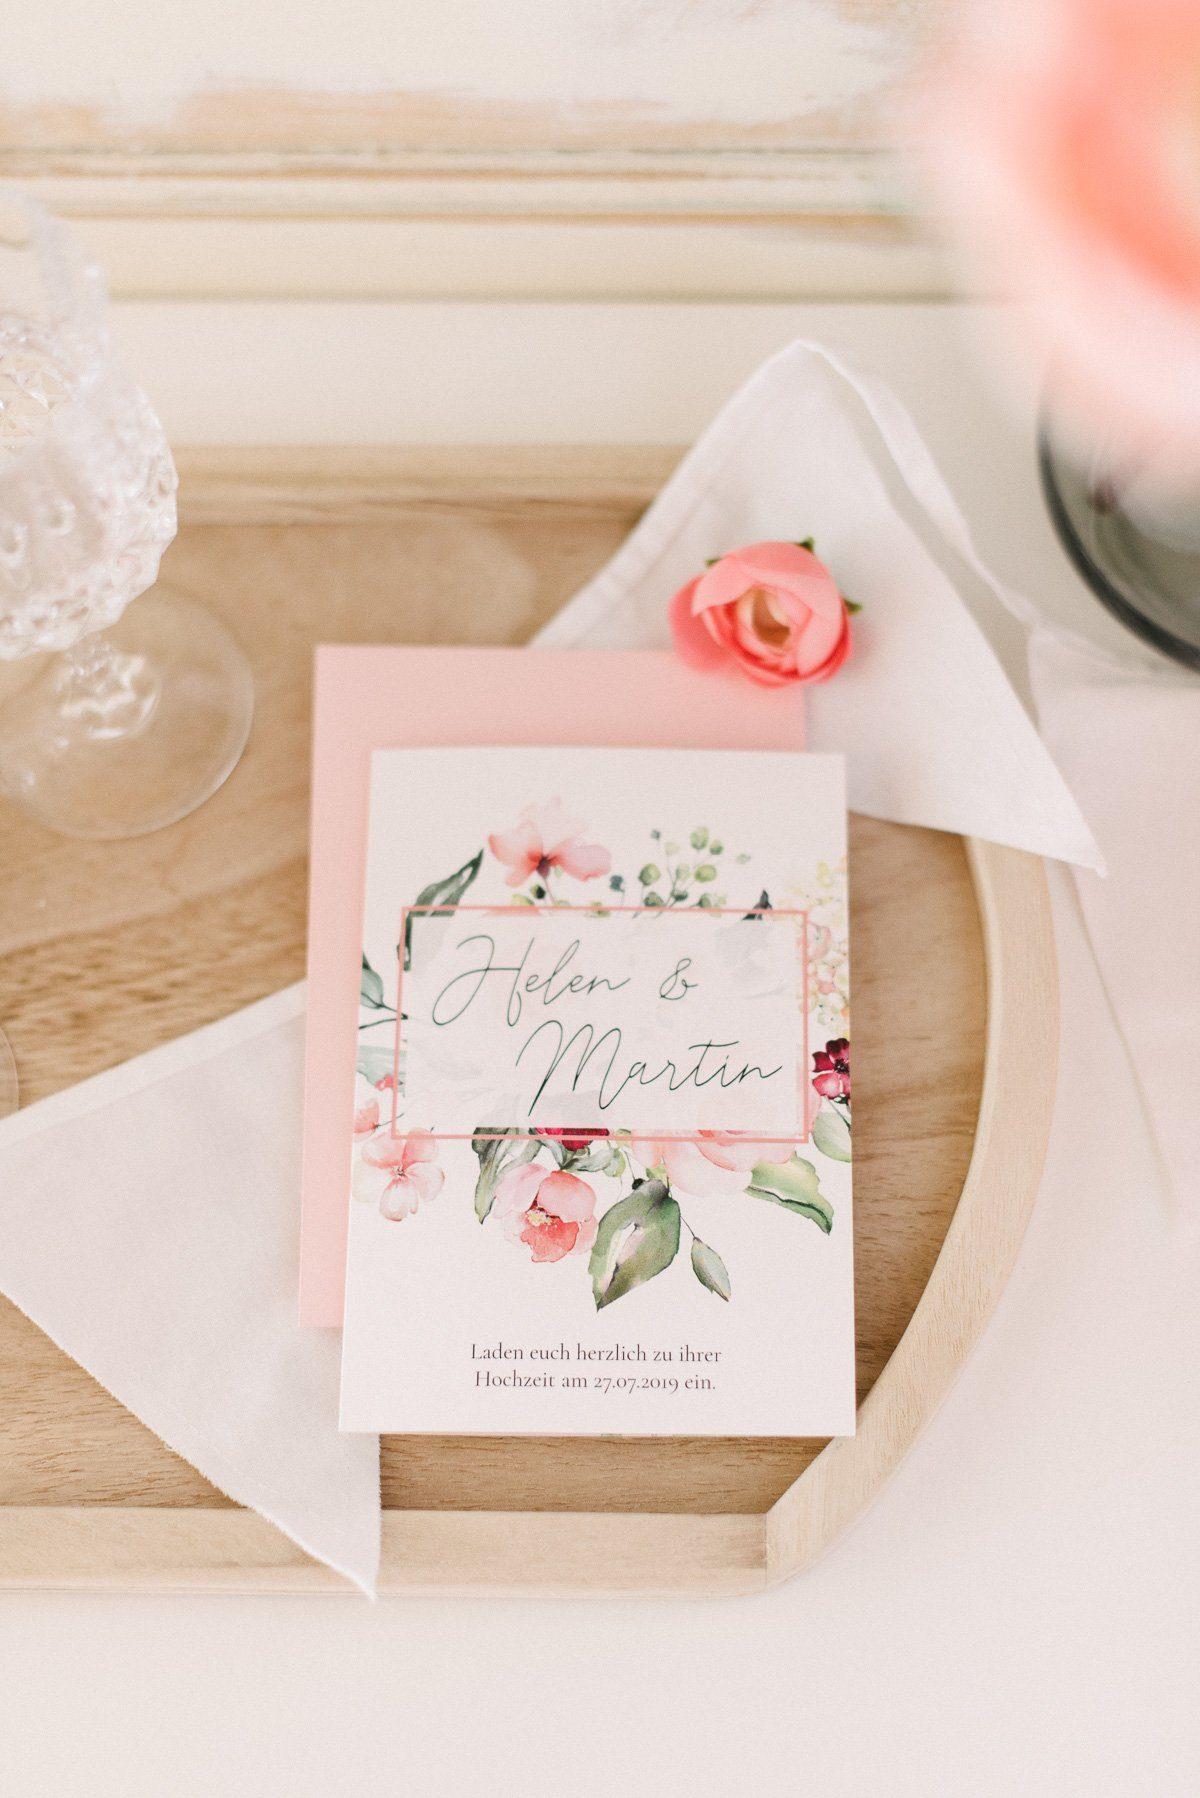 romantische Hochzeitseinladung mit Aquarell